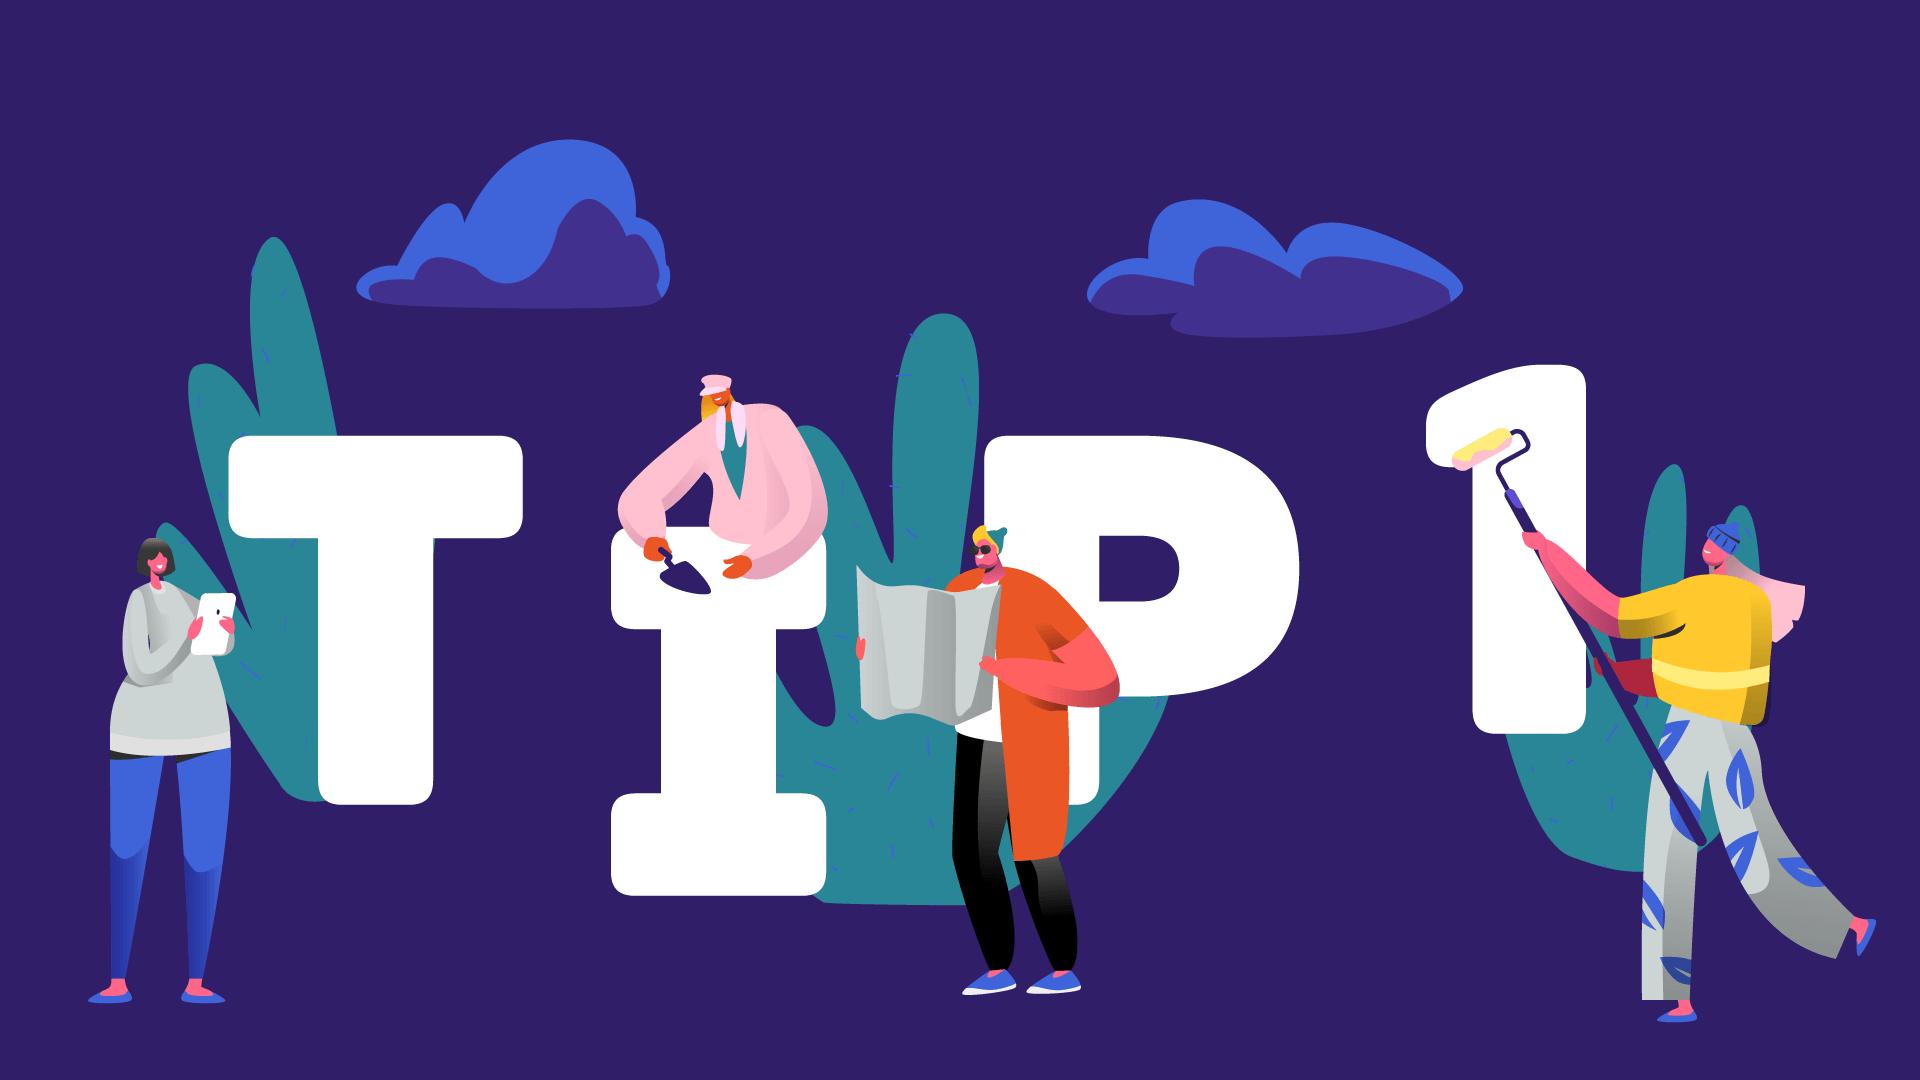 groepswerk tip 1: stel groepjes samen met complementaire leden